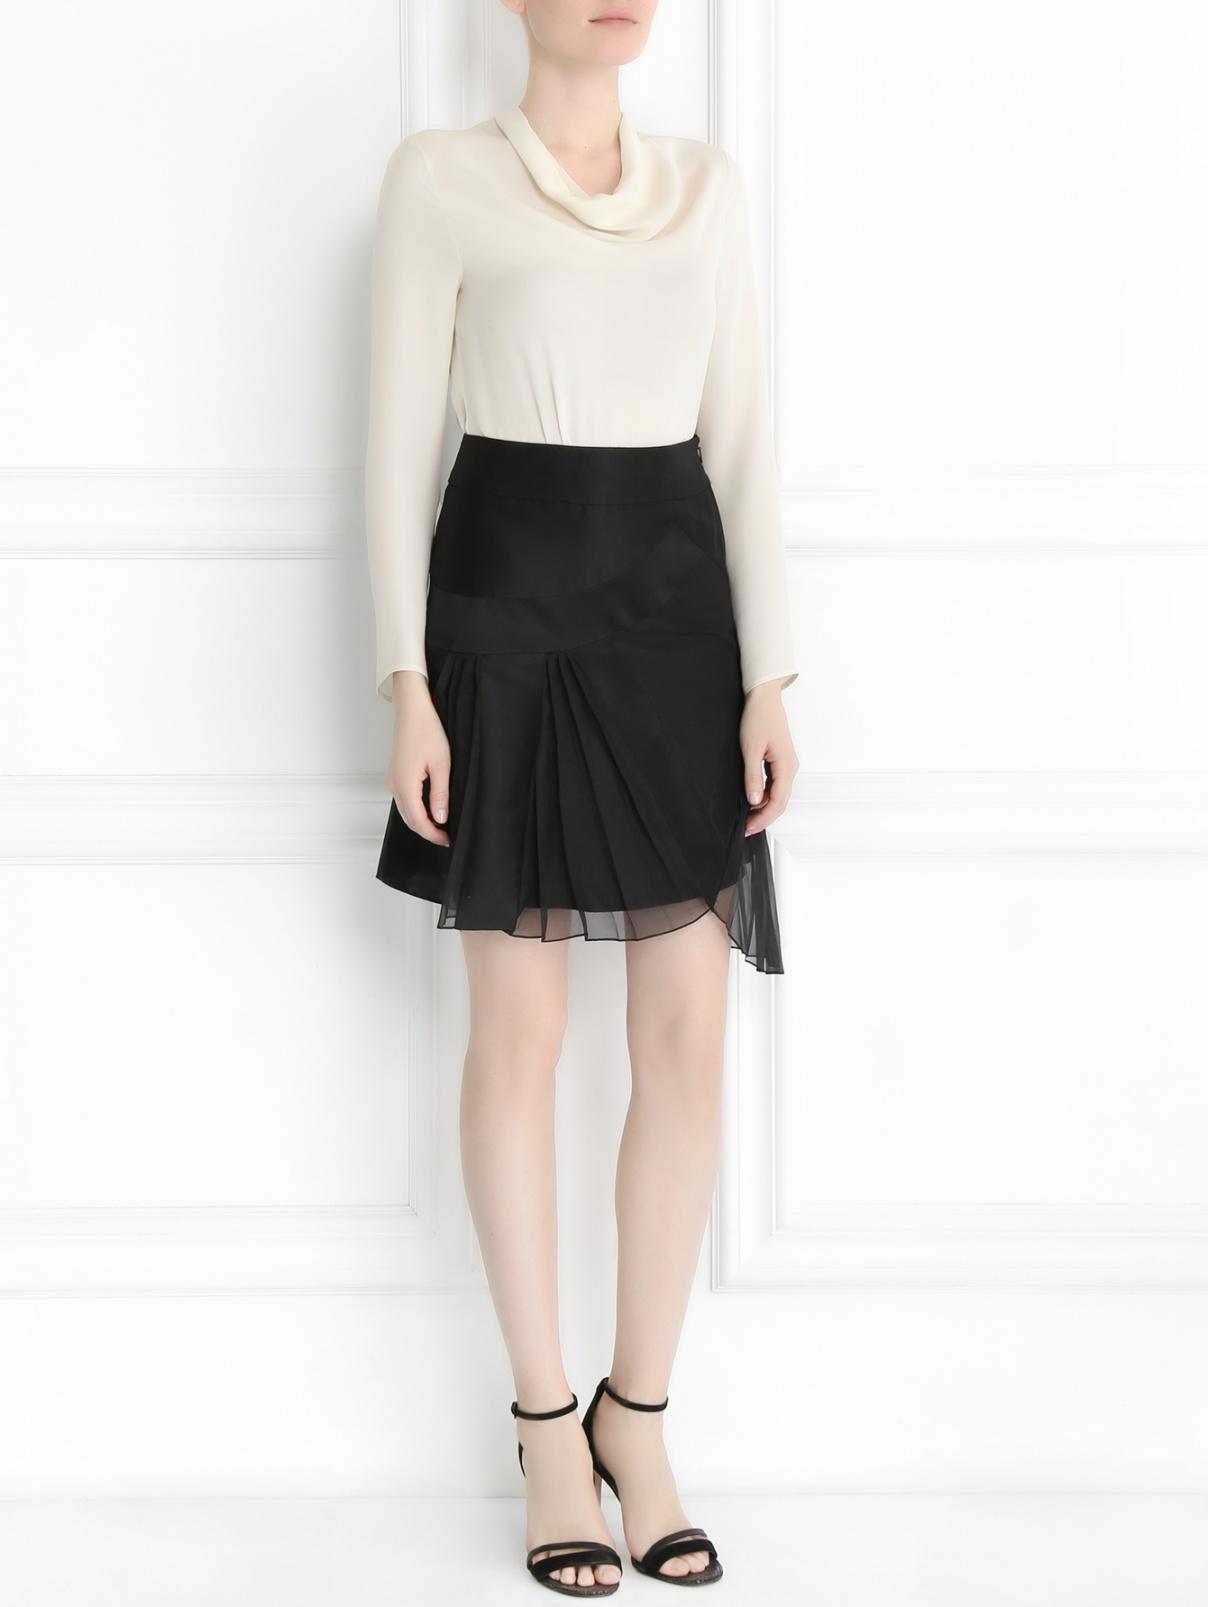 Юбка-мини из шелка Rue du Mail  –  Модель Общий вид  – Цвет:  Черный